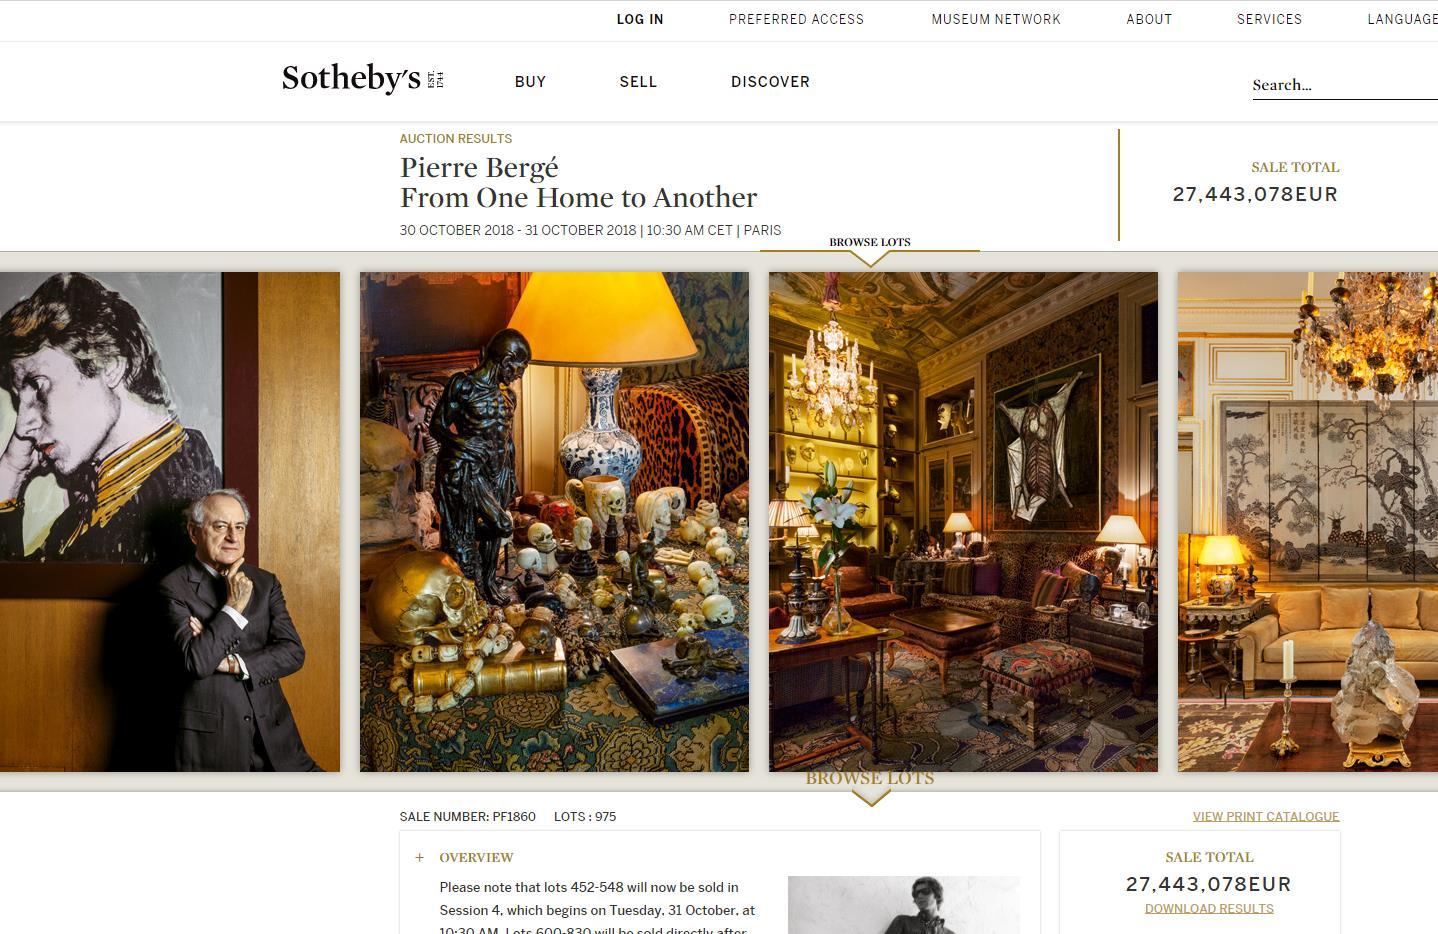 YSL 联合创始人 Pierre Bergé 生前艺术品收藏拍得 2744万欧元,创下苏富比新纪录